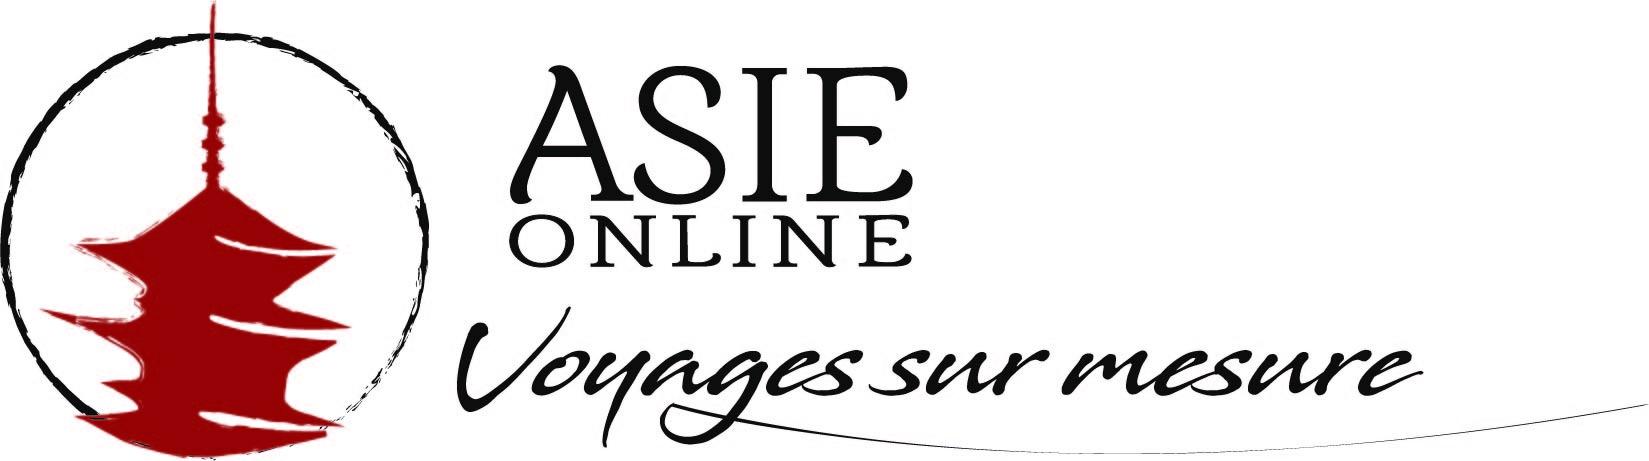 Asie online logo